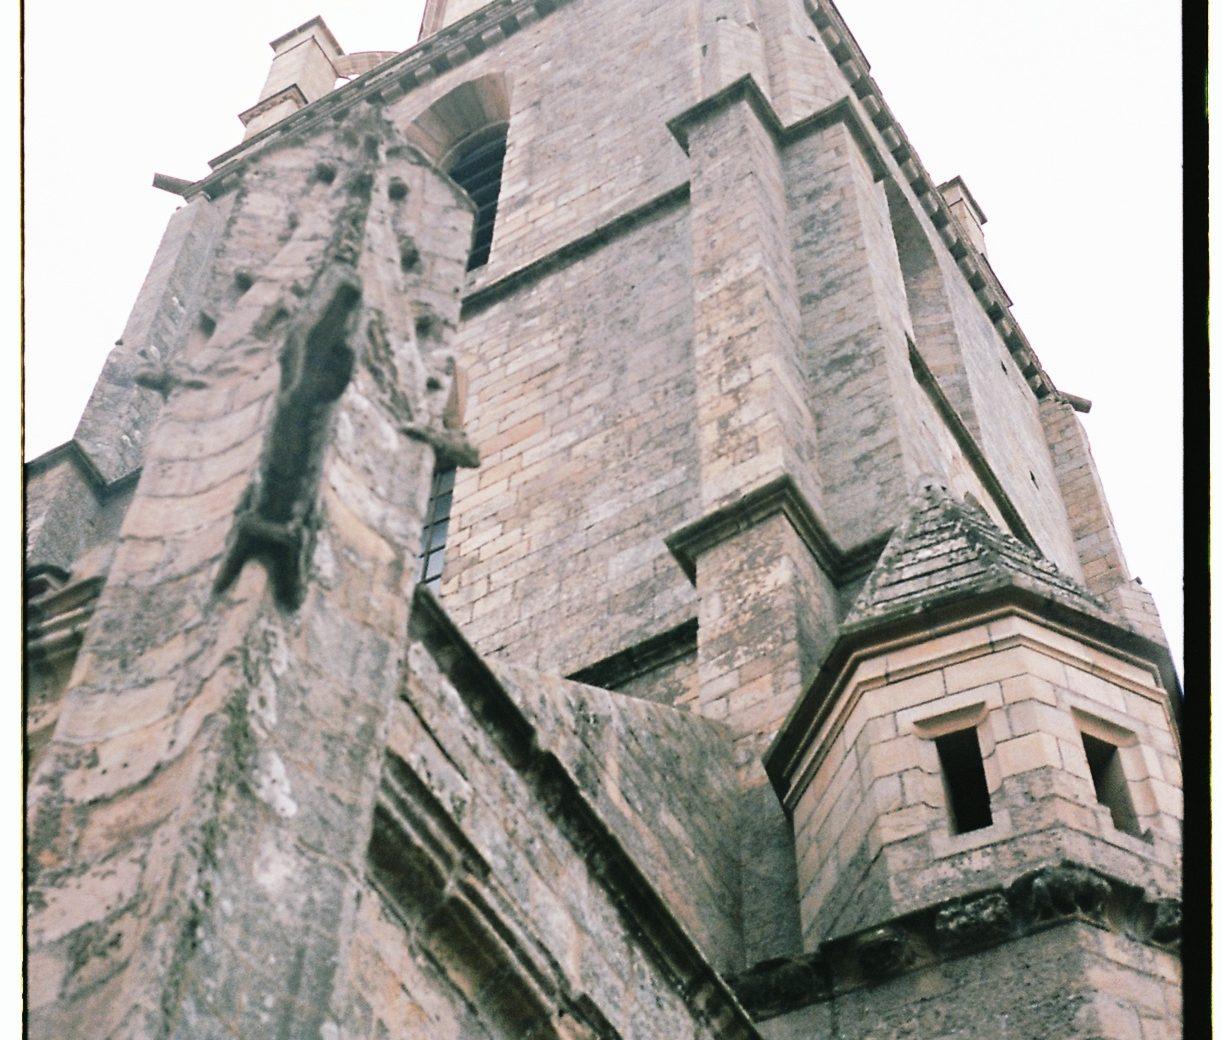 La tour de Batz sur mer